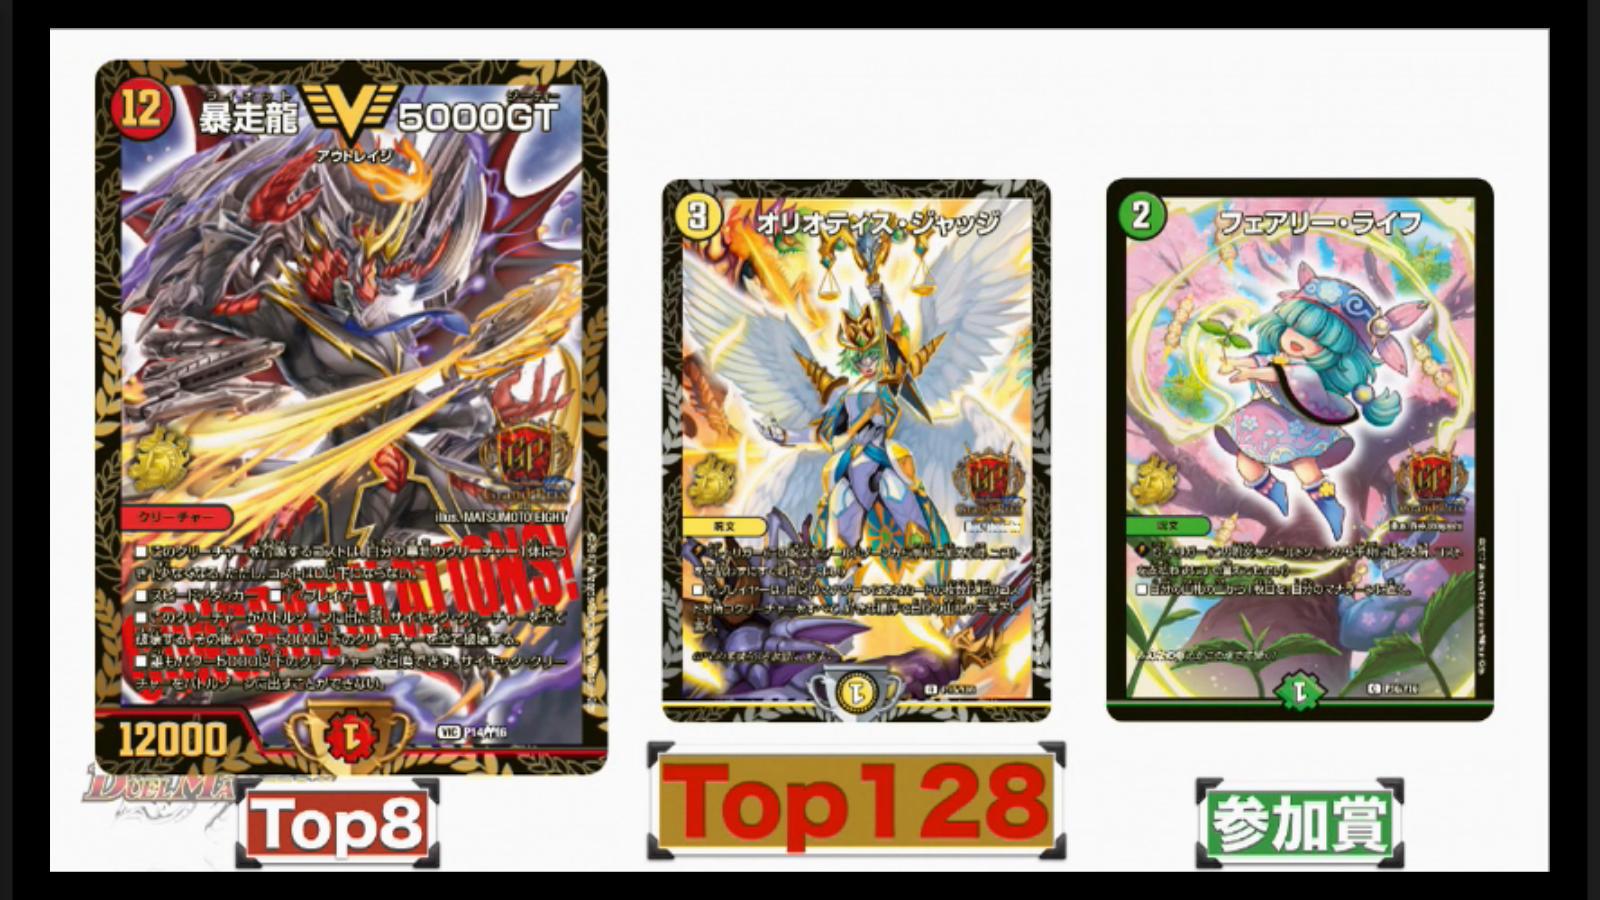 dm-kakumei-finalcup-news-170226-109.jpg